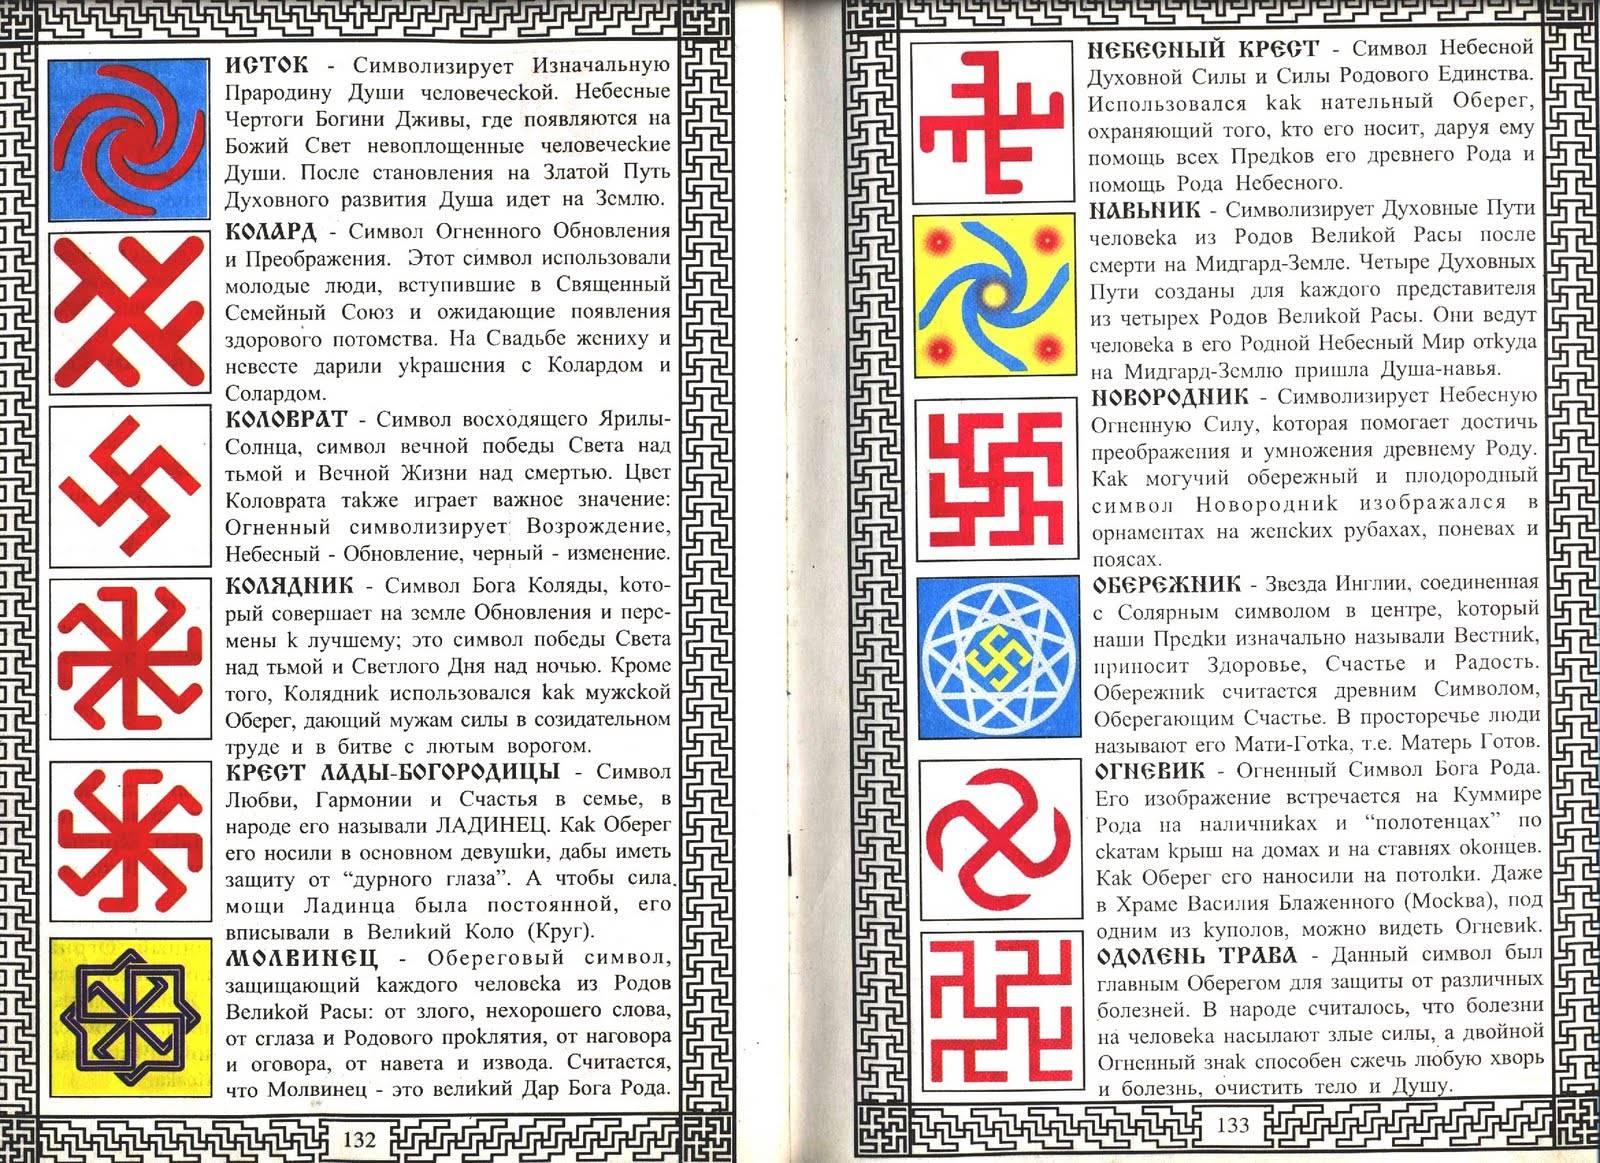 Славянские обереги и амулеты, их значение и толкование